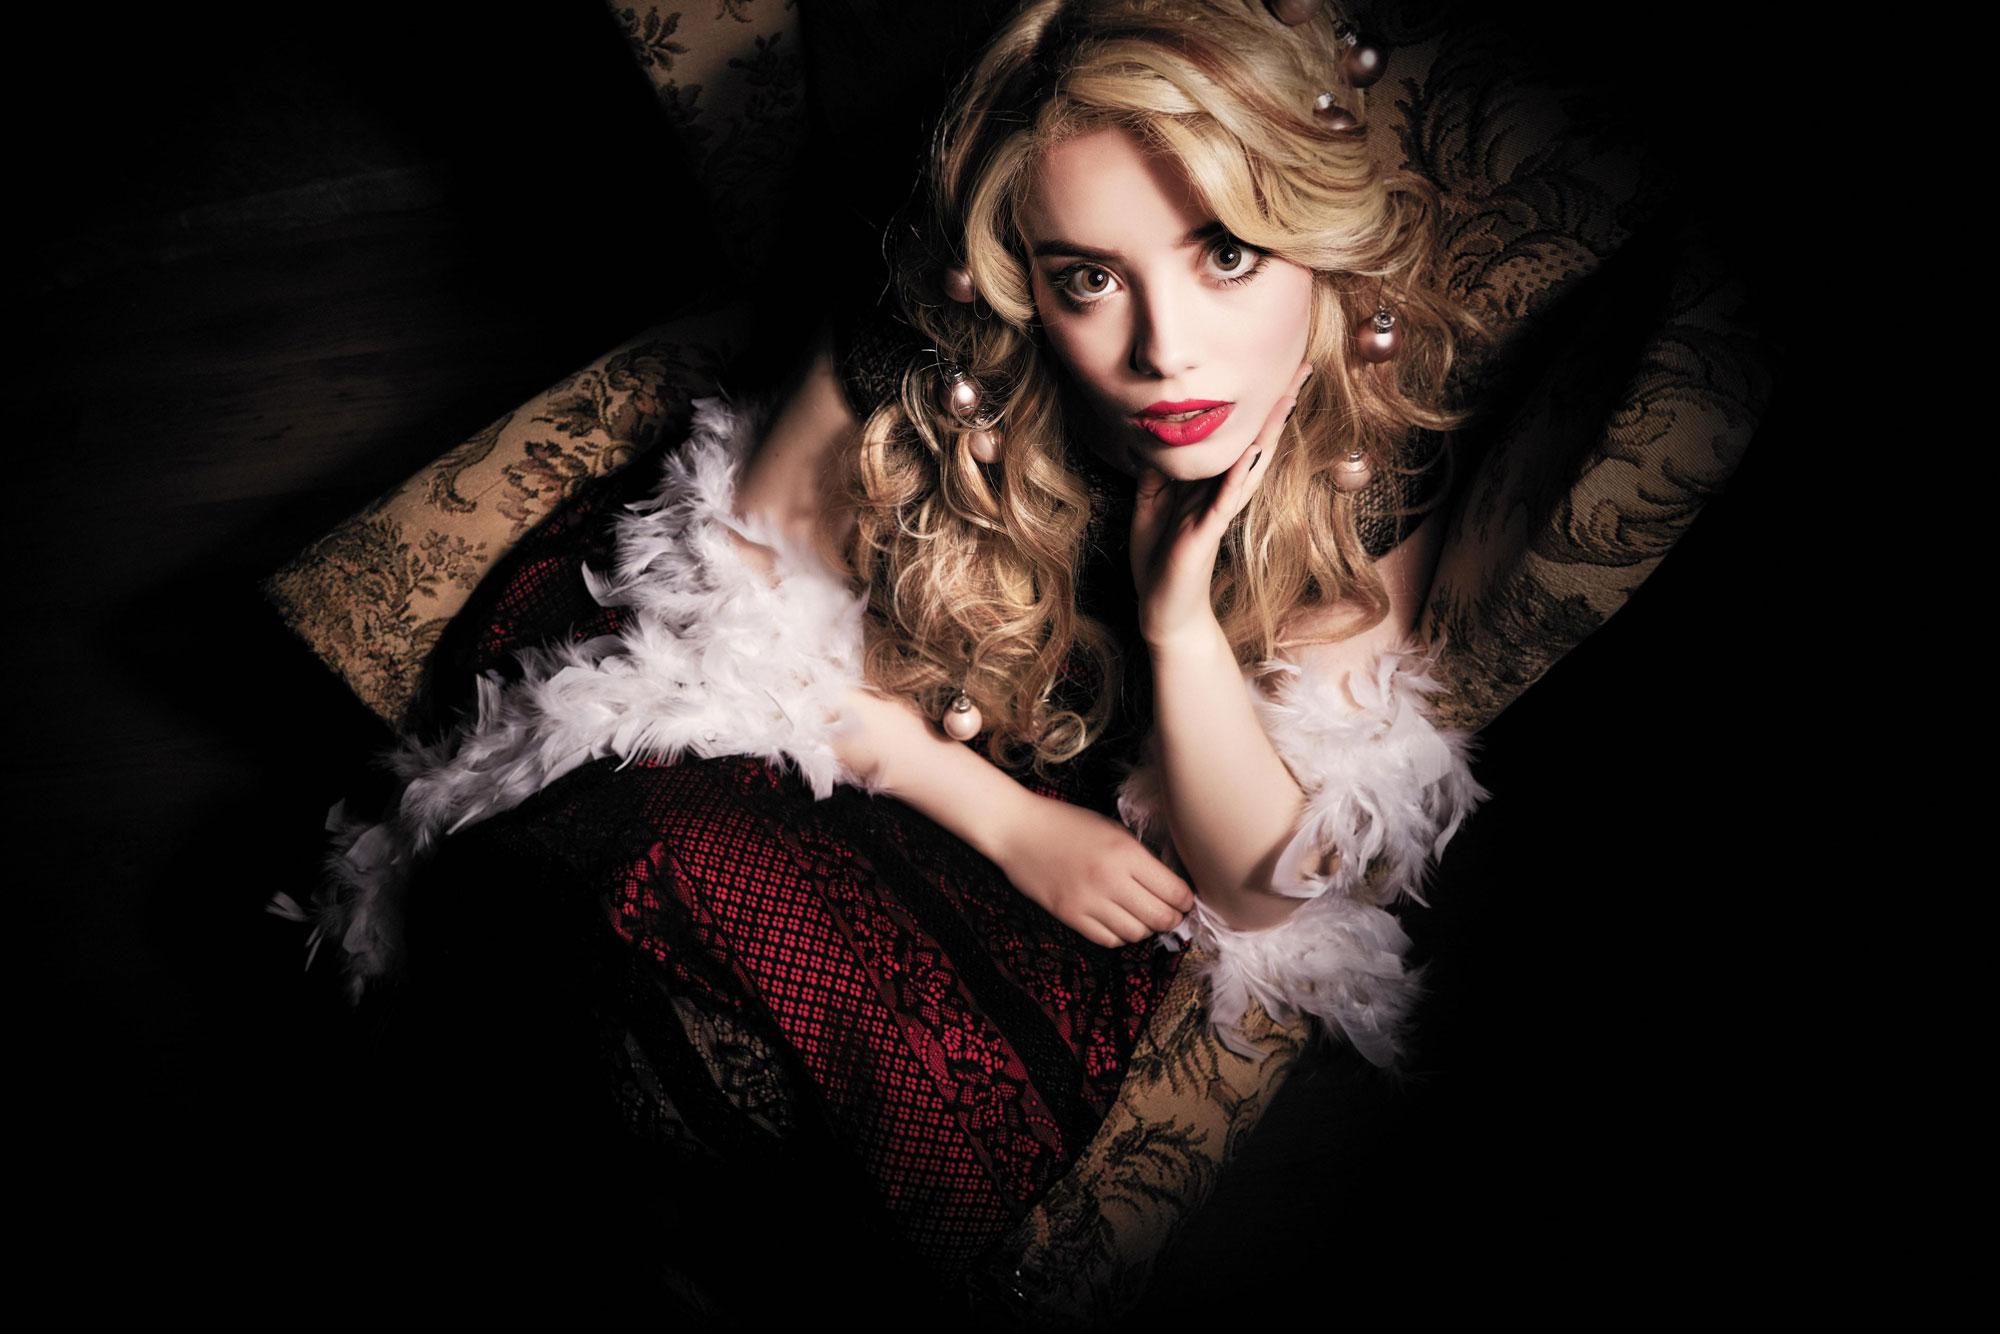 foto: © Frank Doorhof - model met blonde krullen kerstballen in haar en witte veren op bed